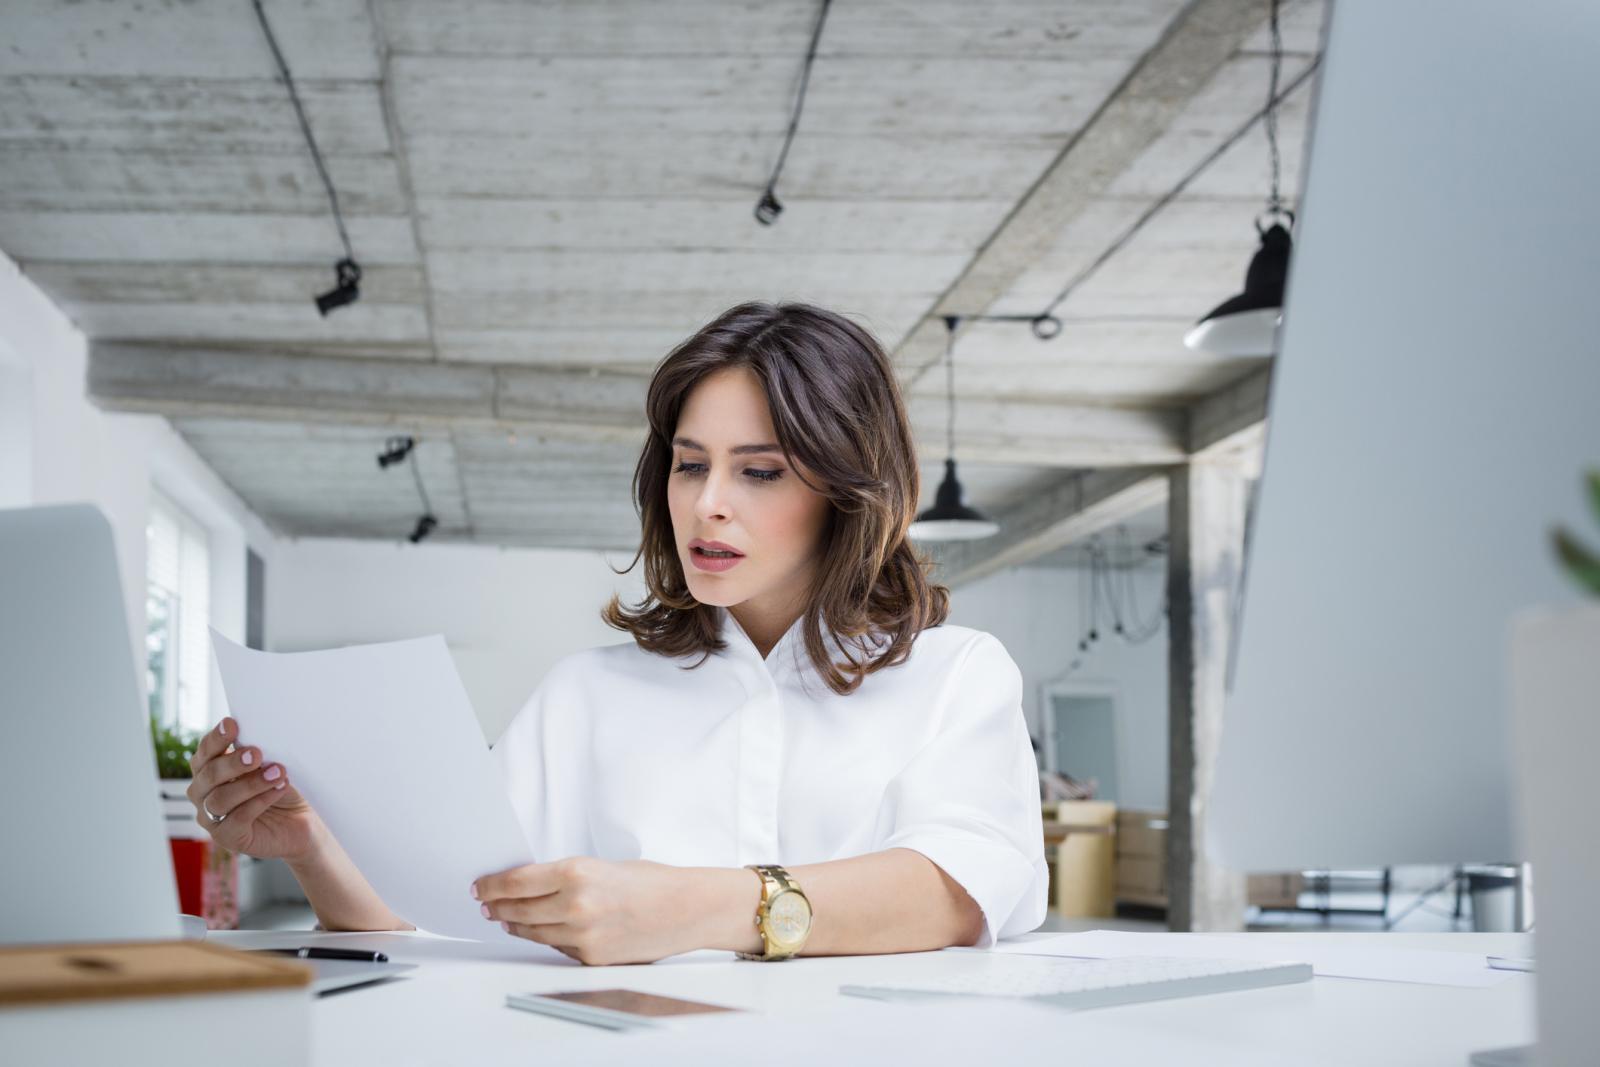 """Multitaskingom raspršujte svoju koncentraciju po principu """"sve je jednako važno baš sada"""", a to znači da ste svim zadacima dodijelili jednaki prioritet."""